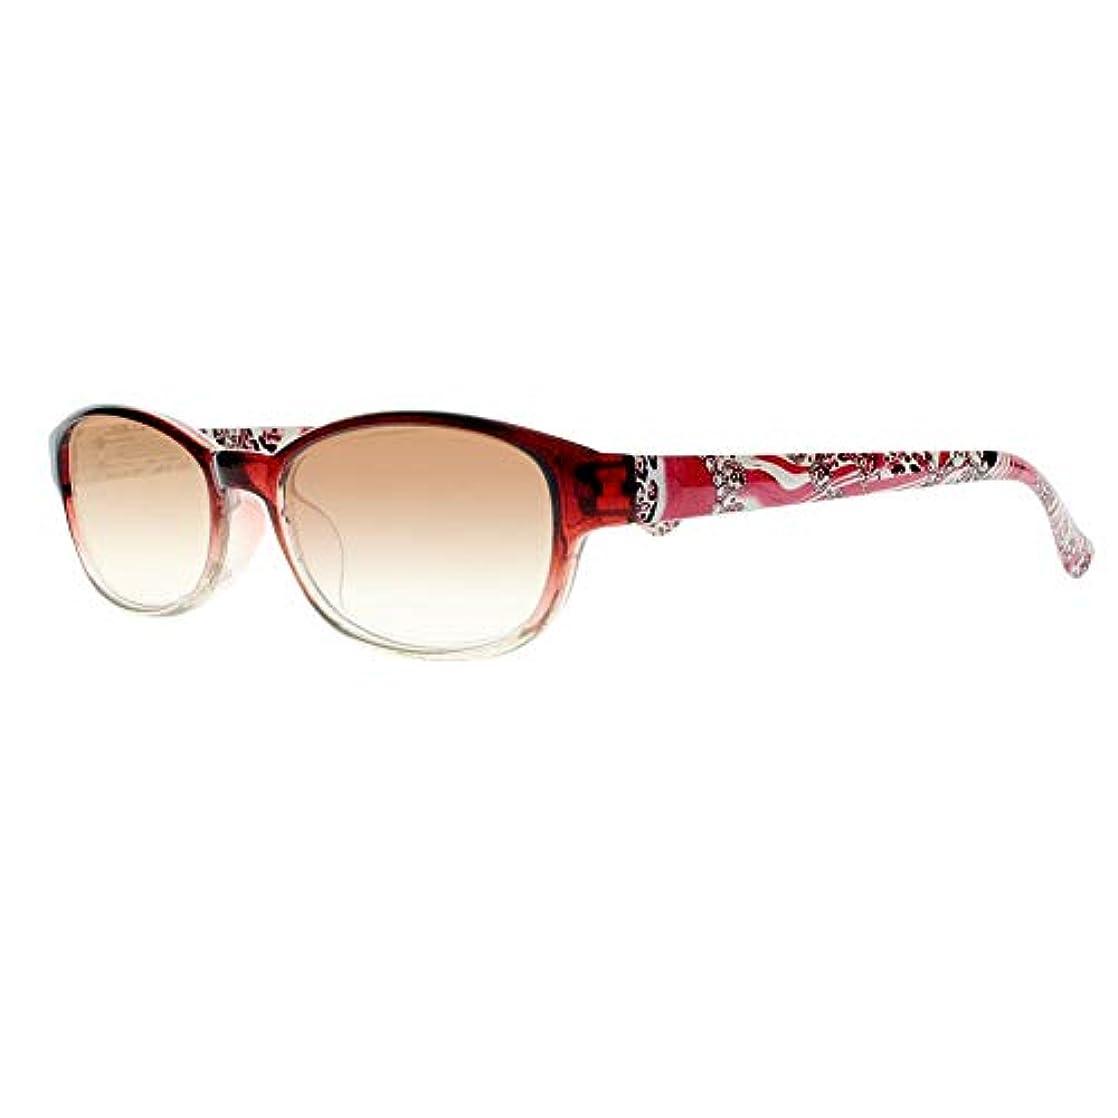 FidgetGear 女性フラワーティンテッドレンズリーダー老眼鏡アイウェア+1.00?+4.00 New 赤